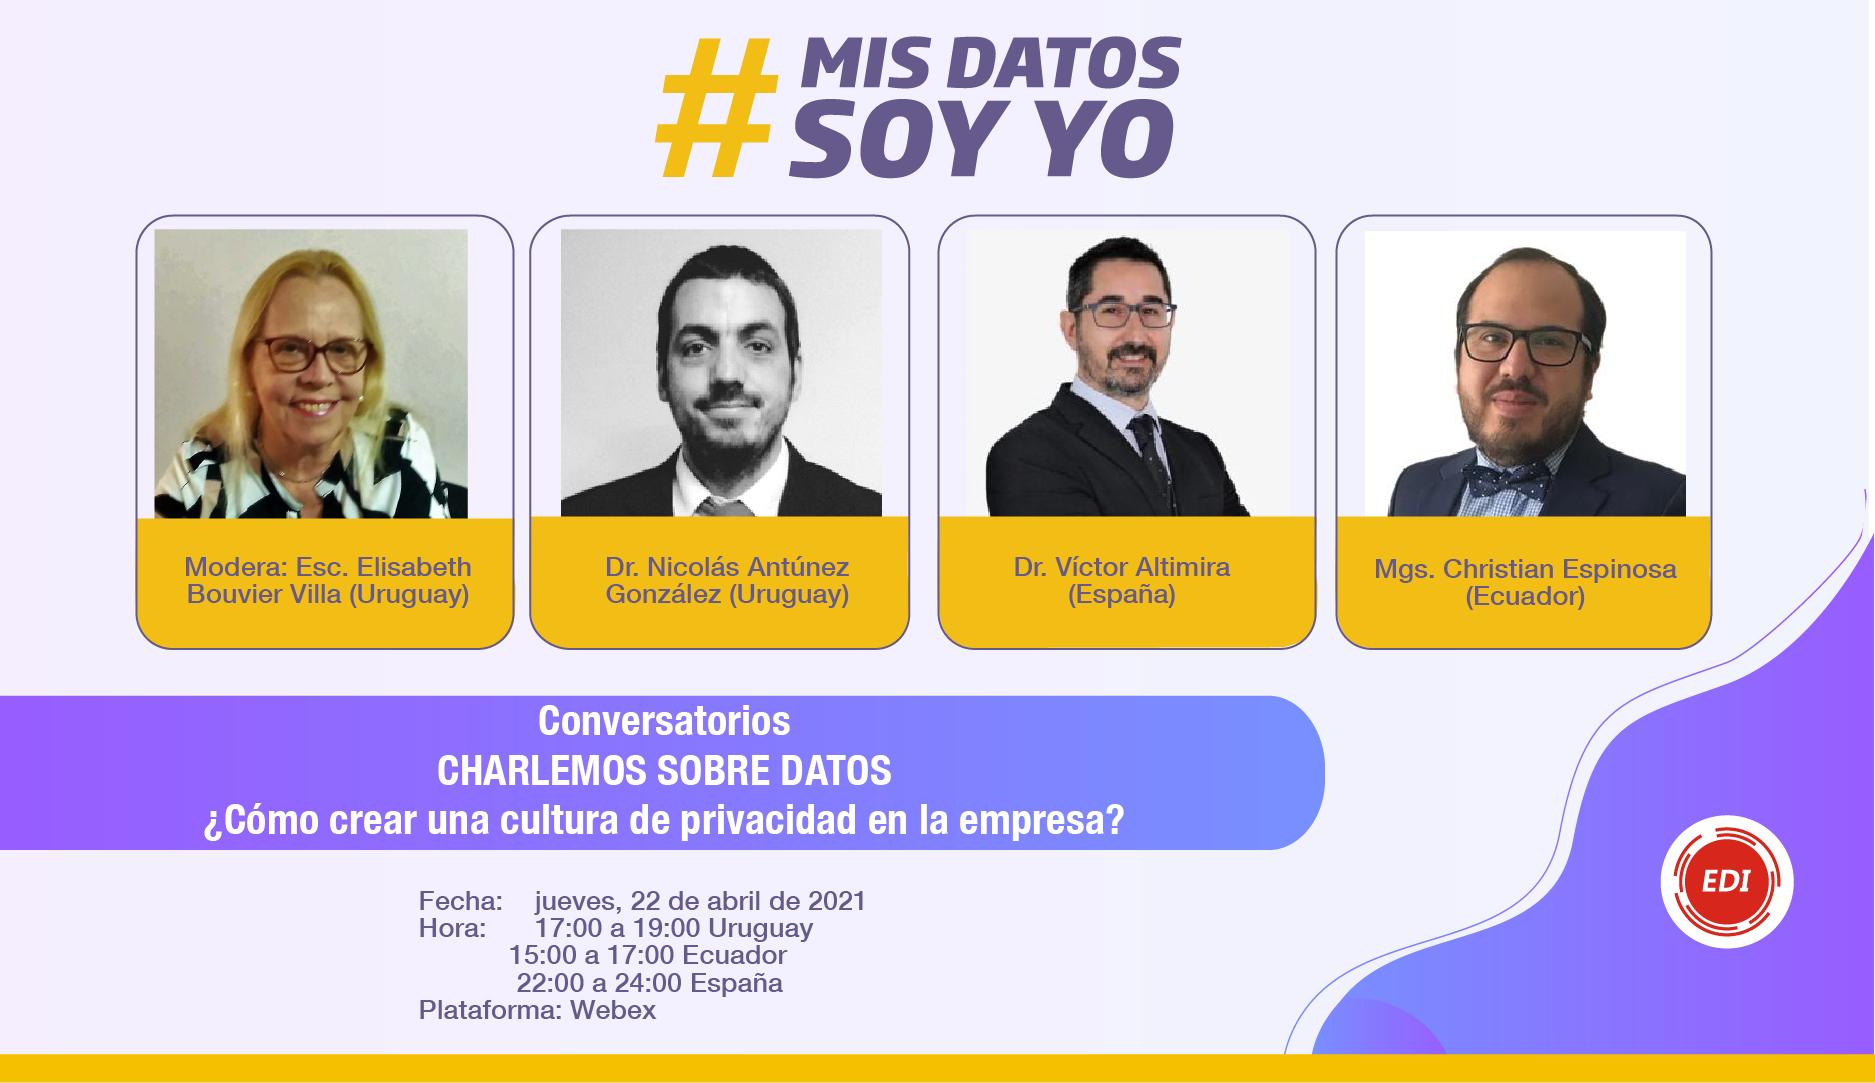 Participantes del evento #MisDatosSoyYo